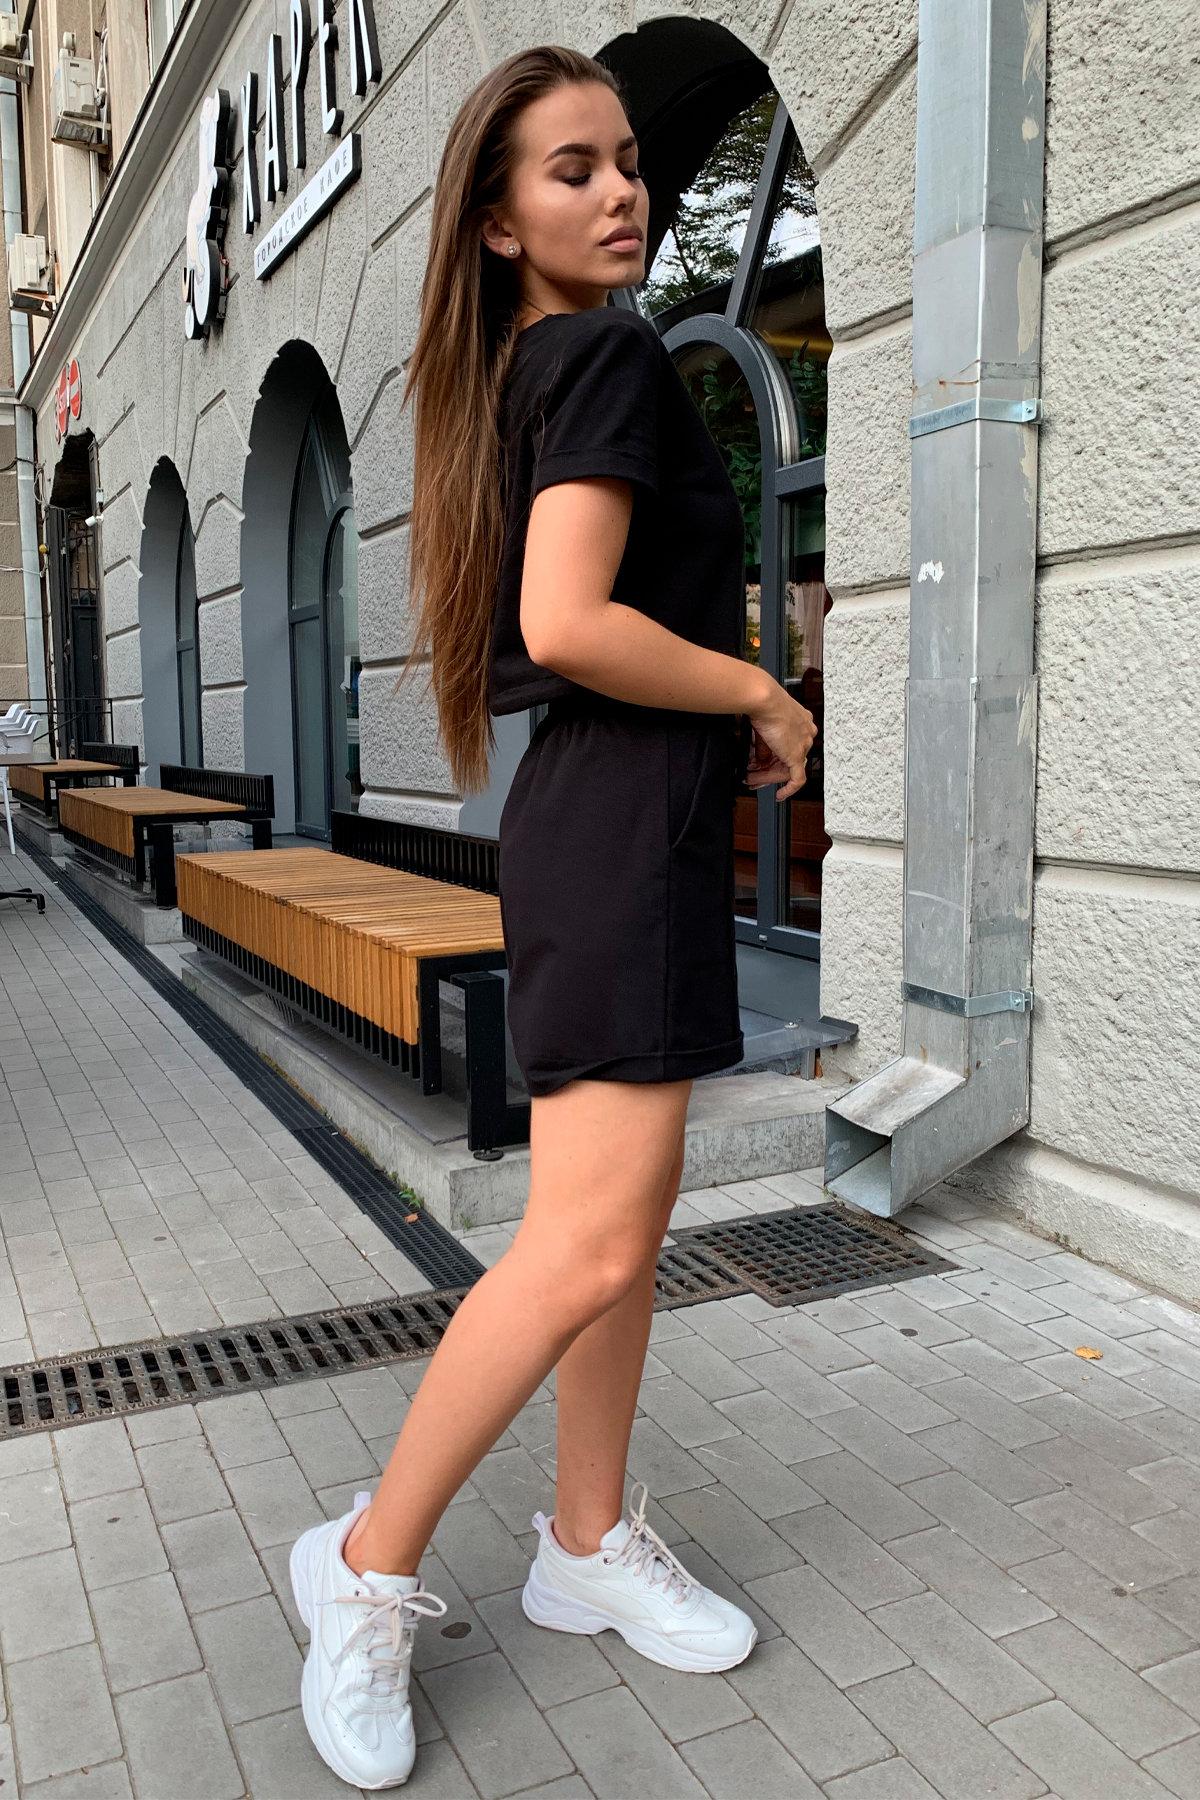 Фреш  костюм трикотажный двунитка тонкий 9252 АРТ. 45590 Цвет: Черный - фото 6, интернет магазин tm-modus.ru